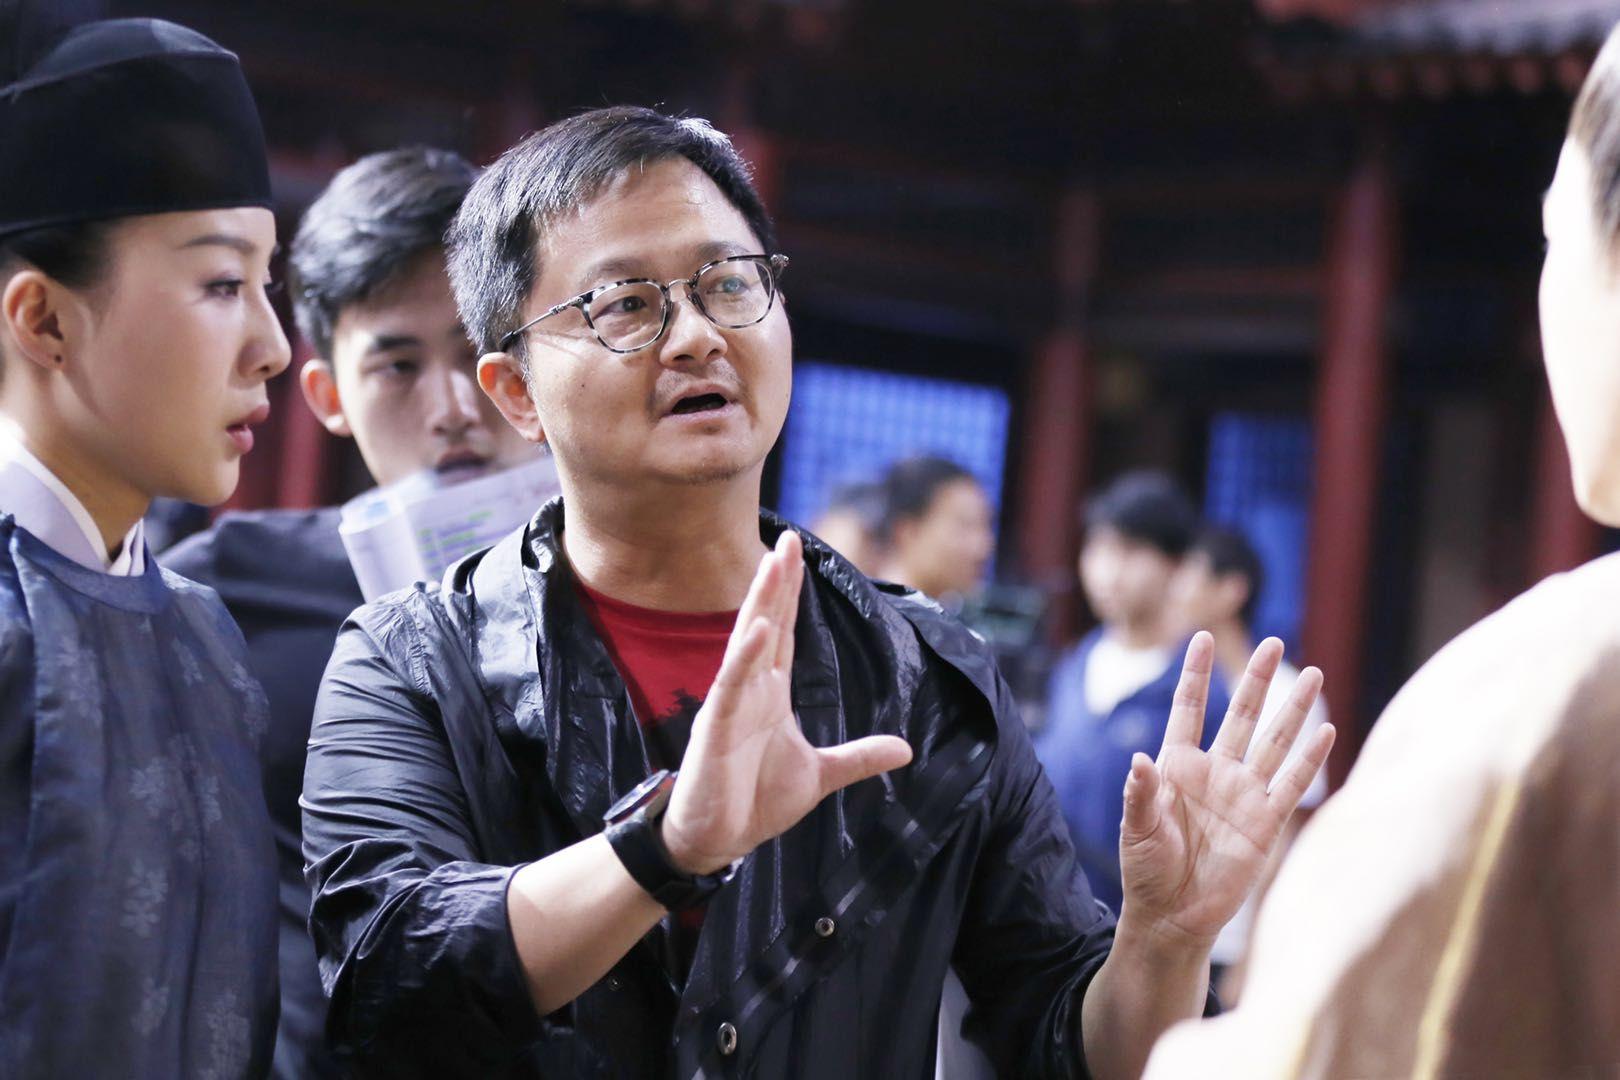 天富,拍可天富不拍的剧就不要拍了丨中国导演战疫访图片